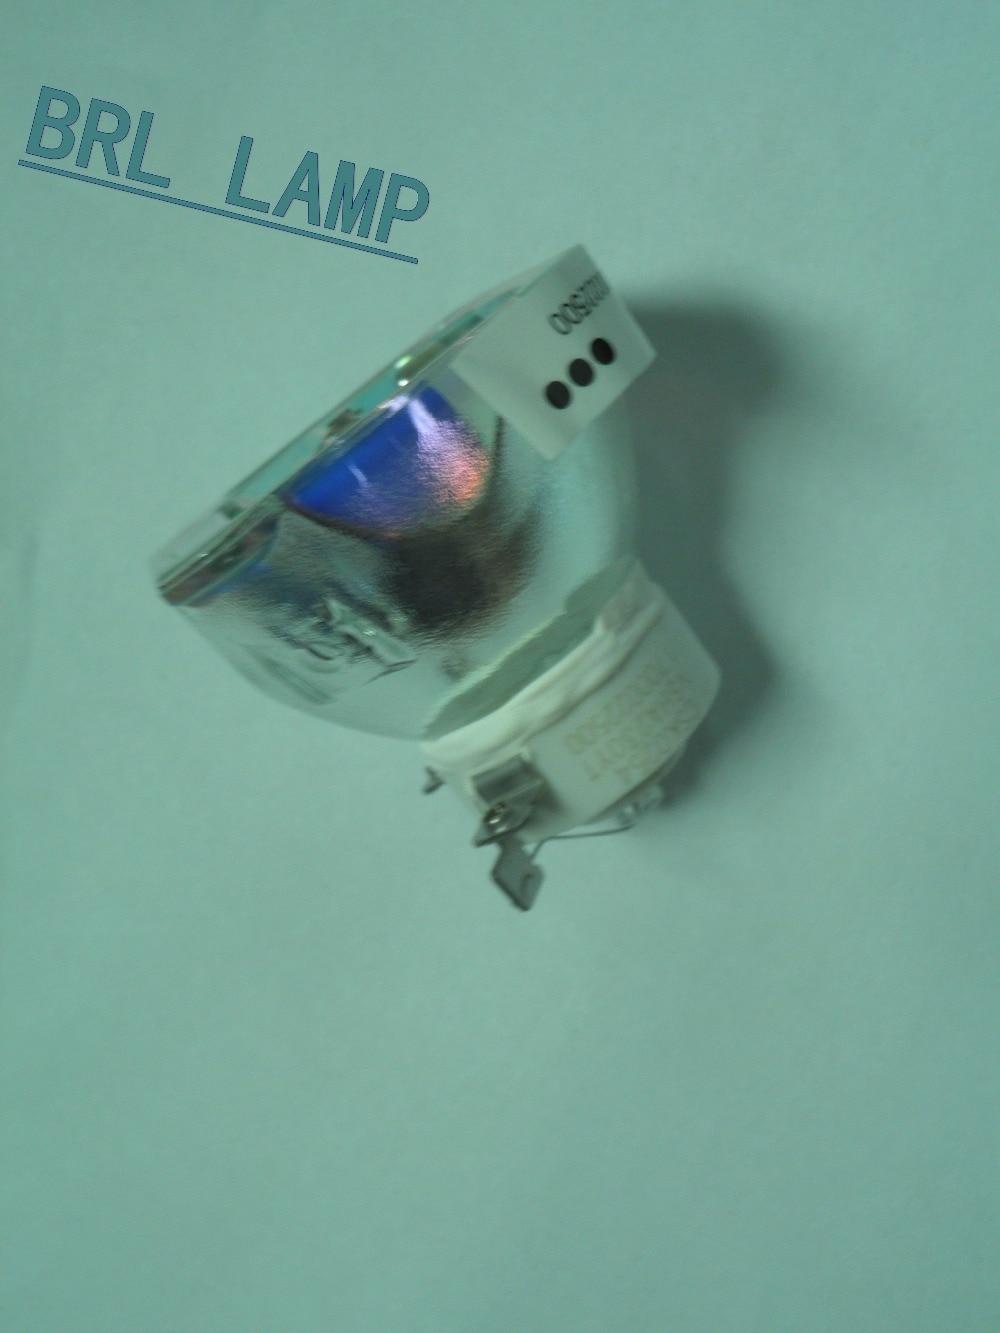 100% Original lamp  DT01091  For Hitachi CP-AW100N/CP-D10/CP-DW10N/ED-AW110N/ED-AW100N/ED-D10N/ED-D11N/HCP-Q3 compatible projector lamp for hitachi dt01091 cp aw100n cp d10 cp dw10n ed aw100n ed aw110n ed d10n ed d11n hcp q3 hcp q3w